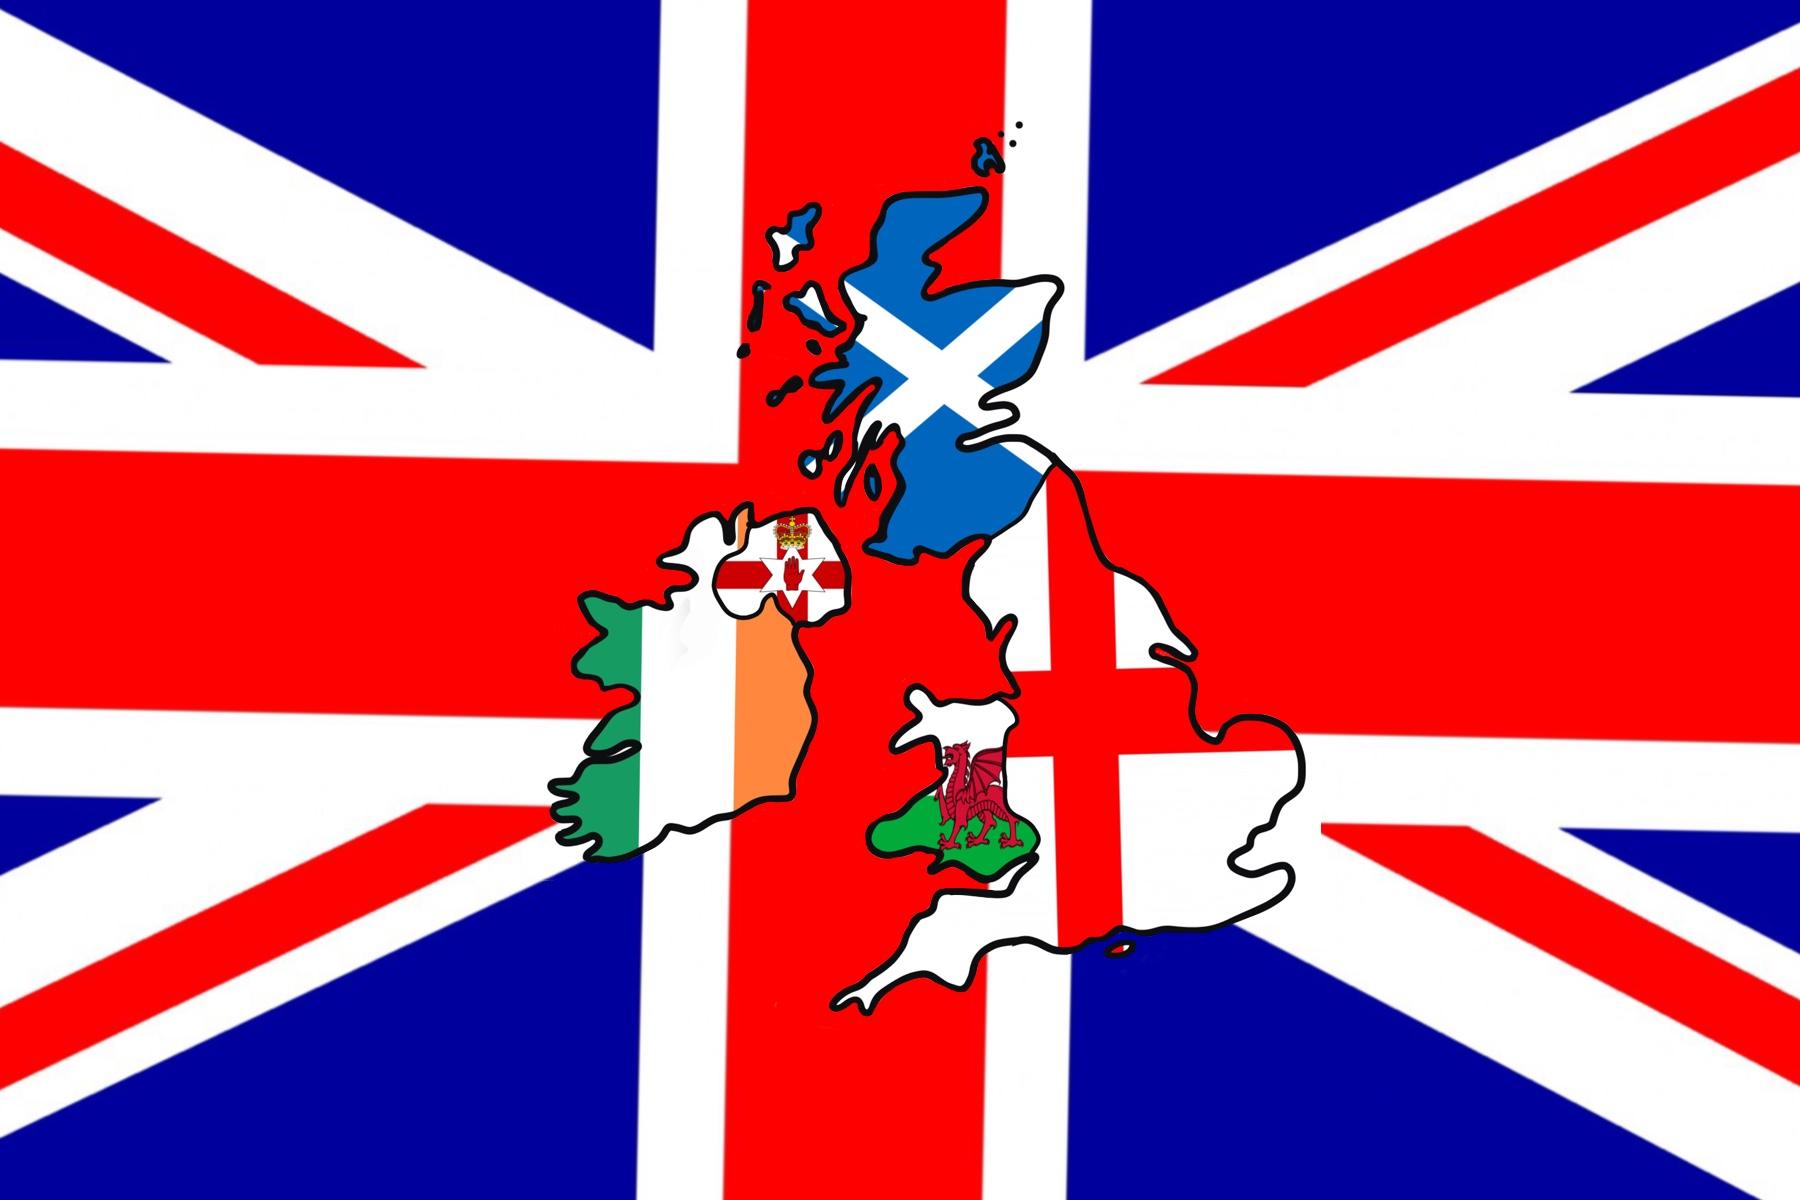 イギリスという国は存在しない?英連邦って何?